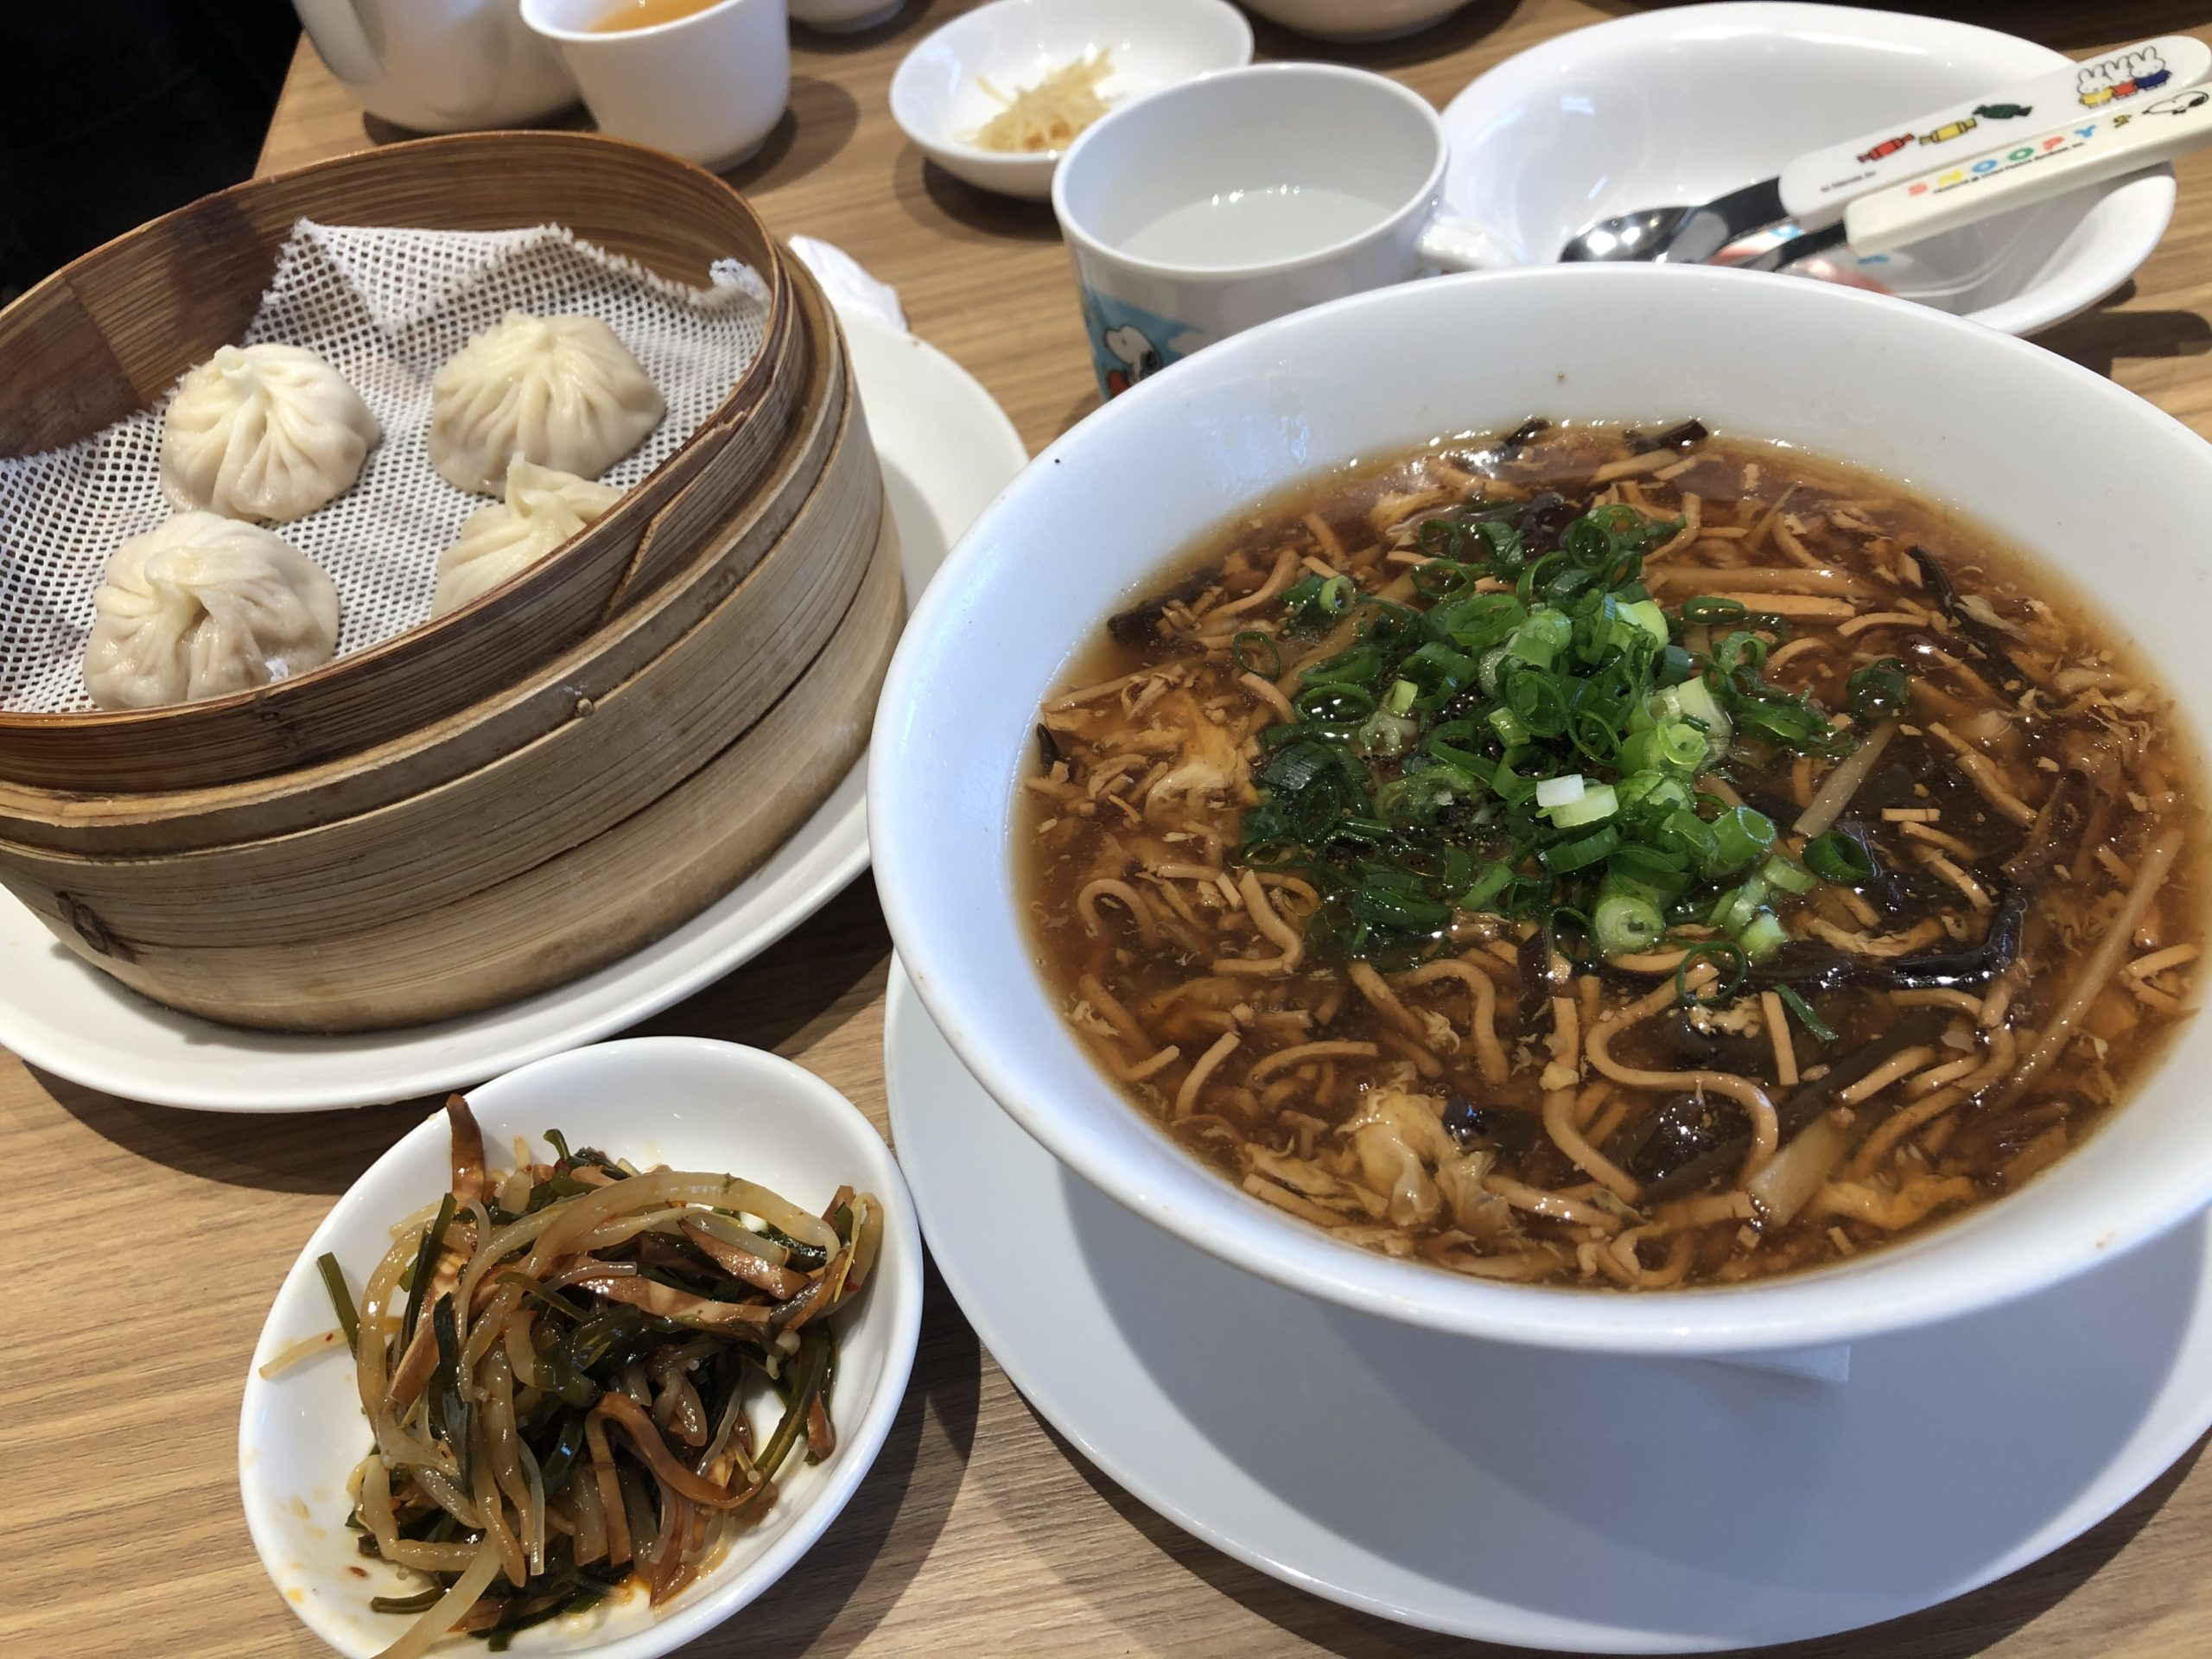 【名古屋】セントラルタワーズ内『鼎泰豊(ディンタイフォン)』で夕食を食べてきました(お子様メニューあり)